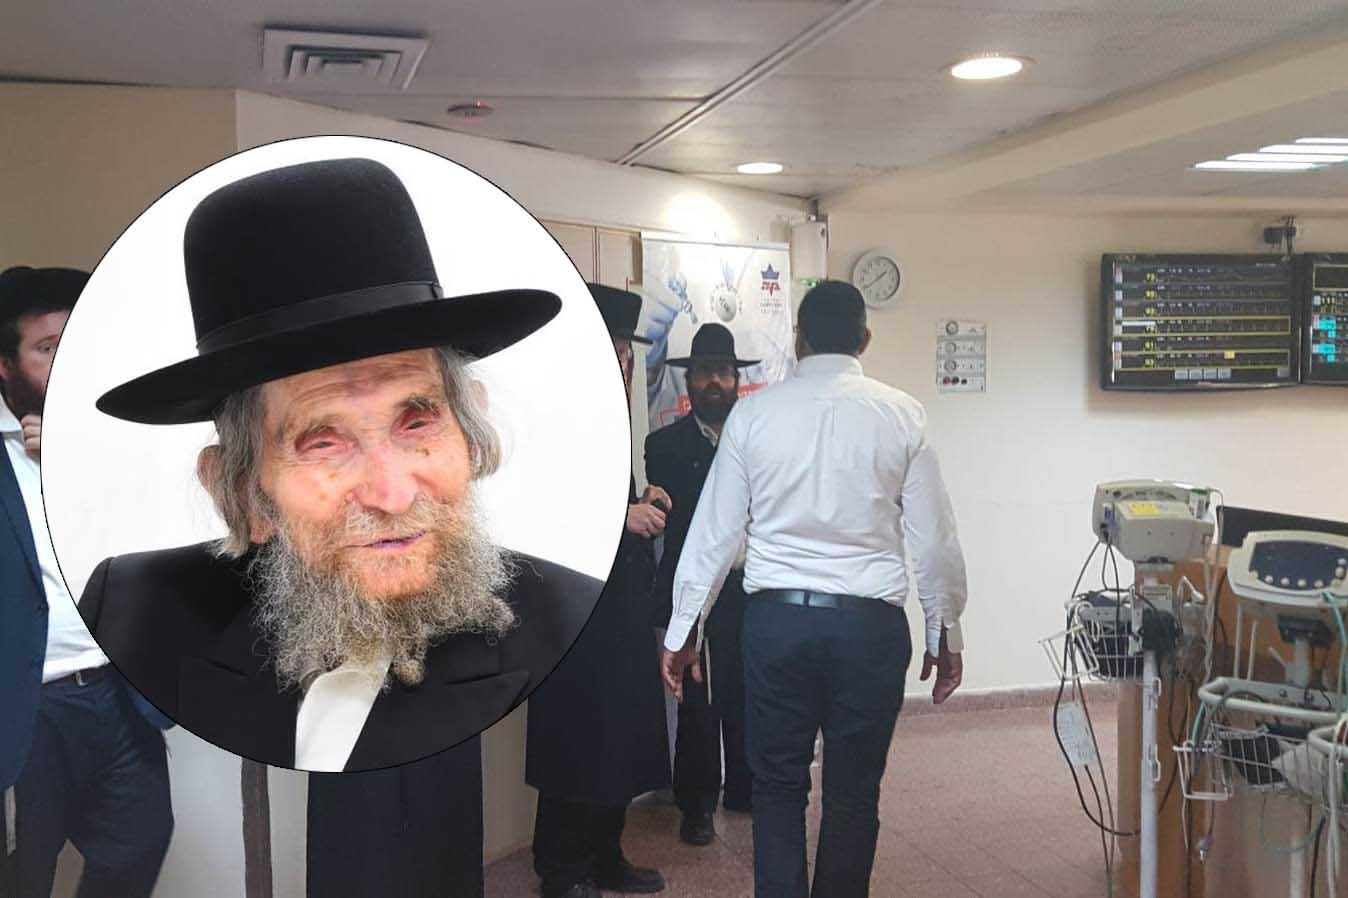 העולם היהודי מתפלל: ראש הישיבה עבר בהצלחה את הטיפול הרפואי